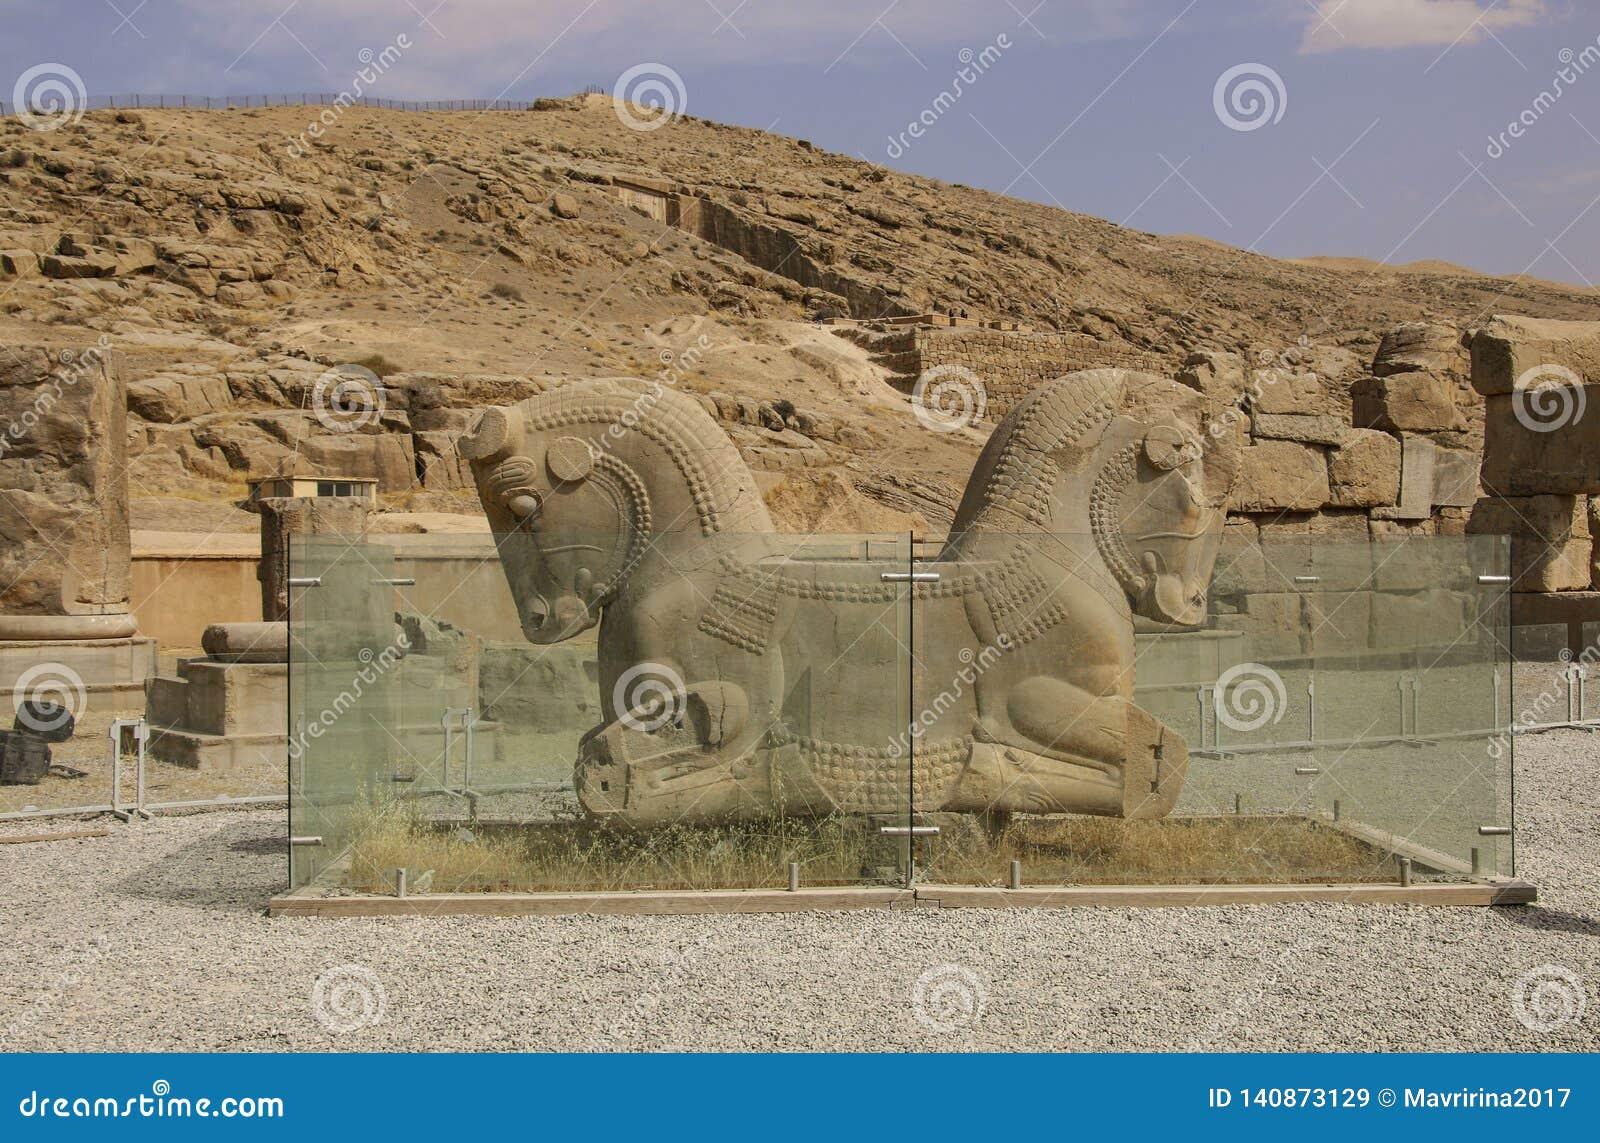 Οι αρχαίες καταστροφές της σύνθετης, διάσημης εθιμοτυπικής πρωτεύουσας Persepolis της αρχαίας Περσίας, Ιράν